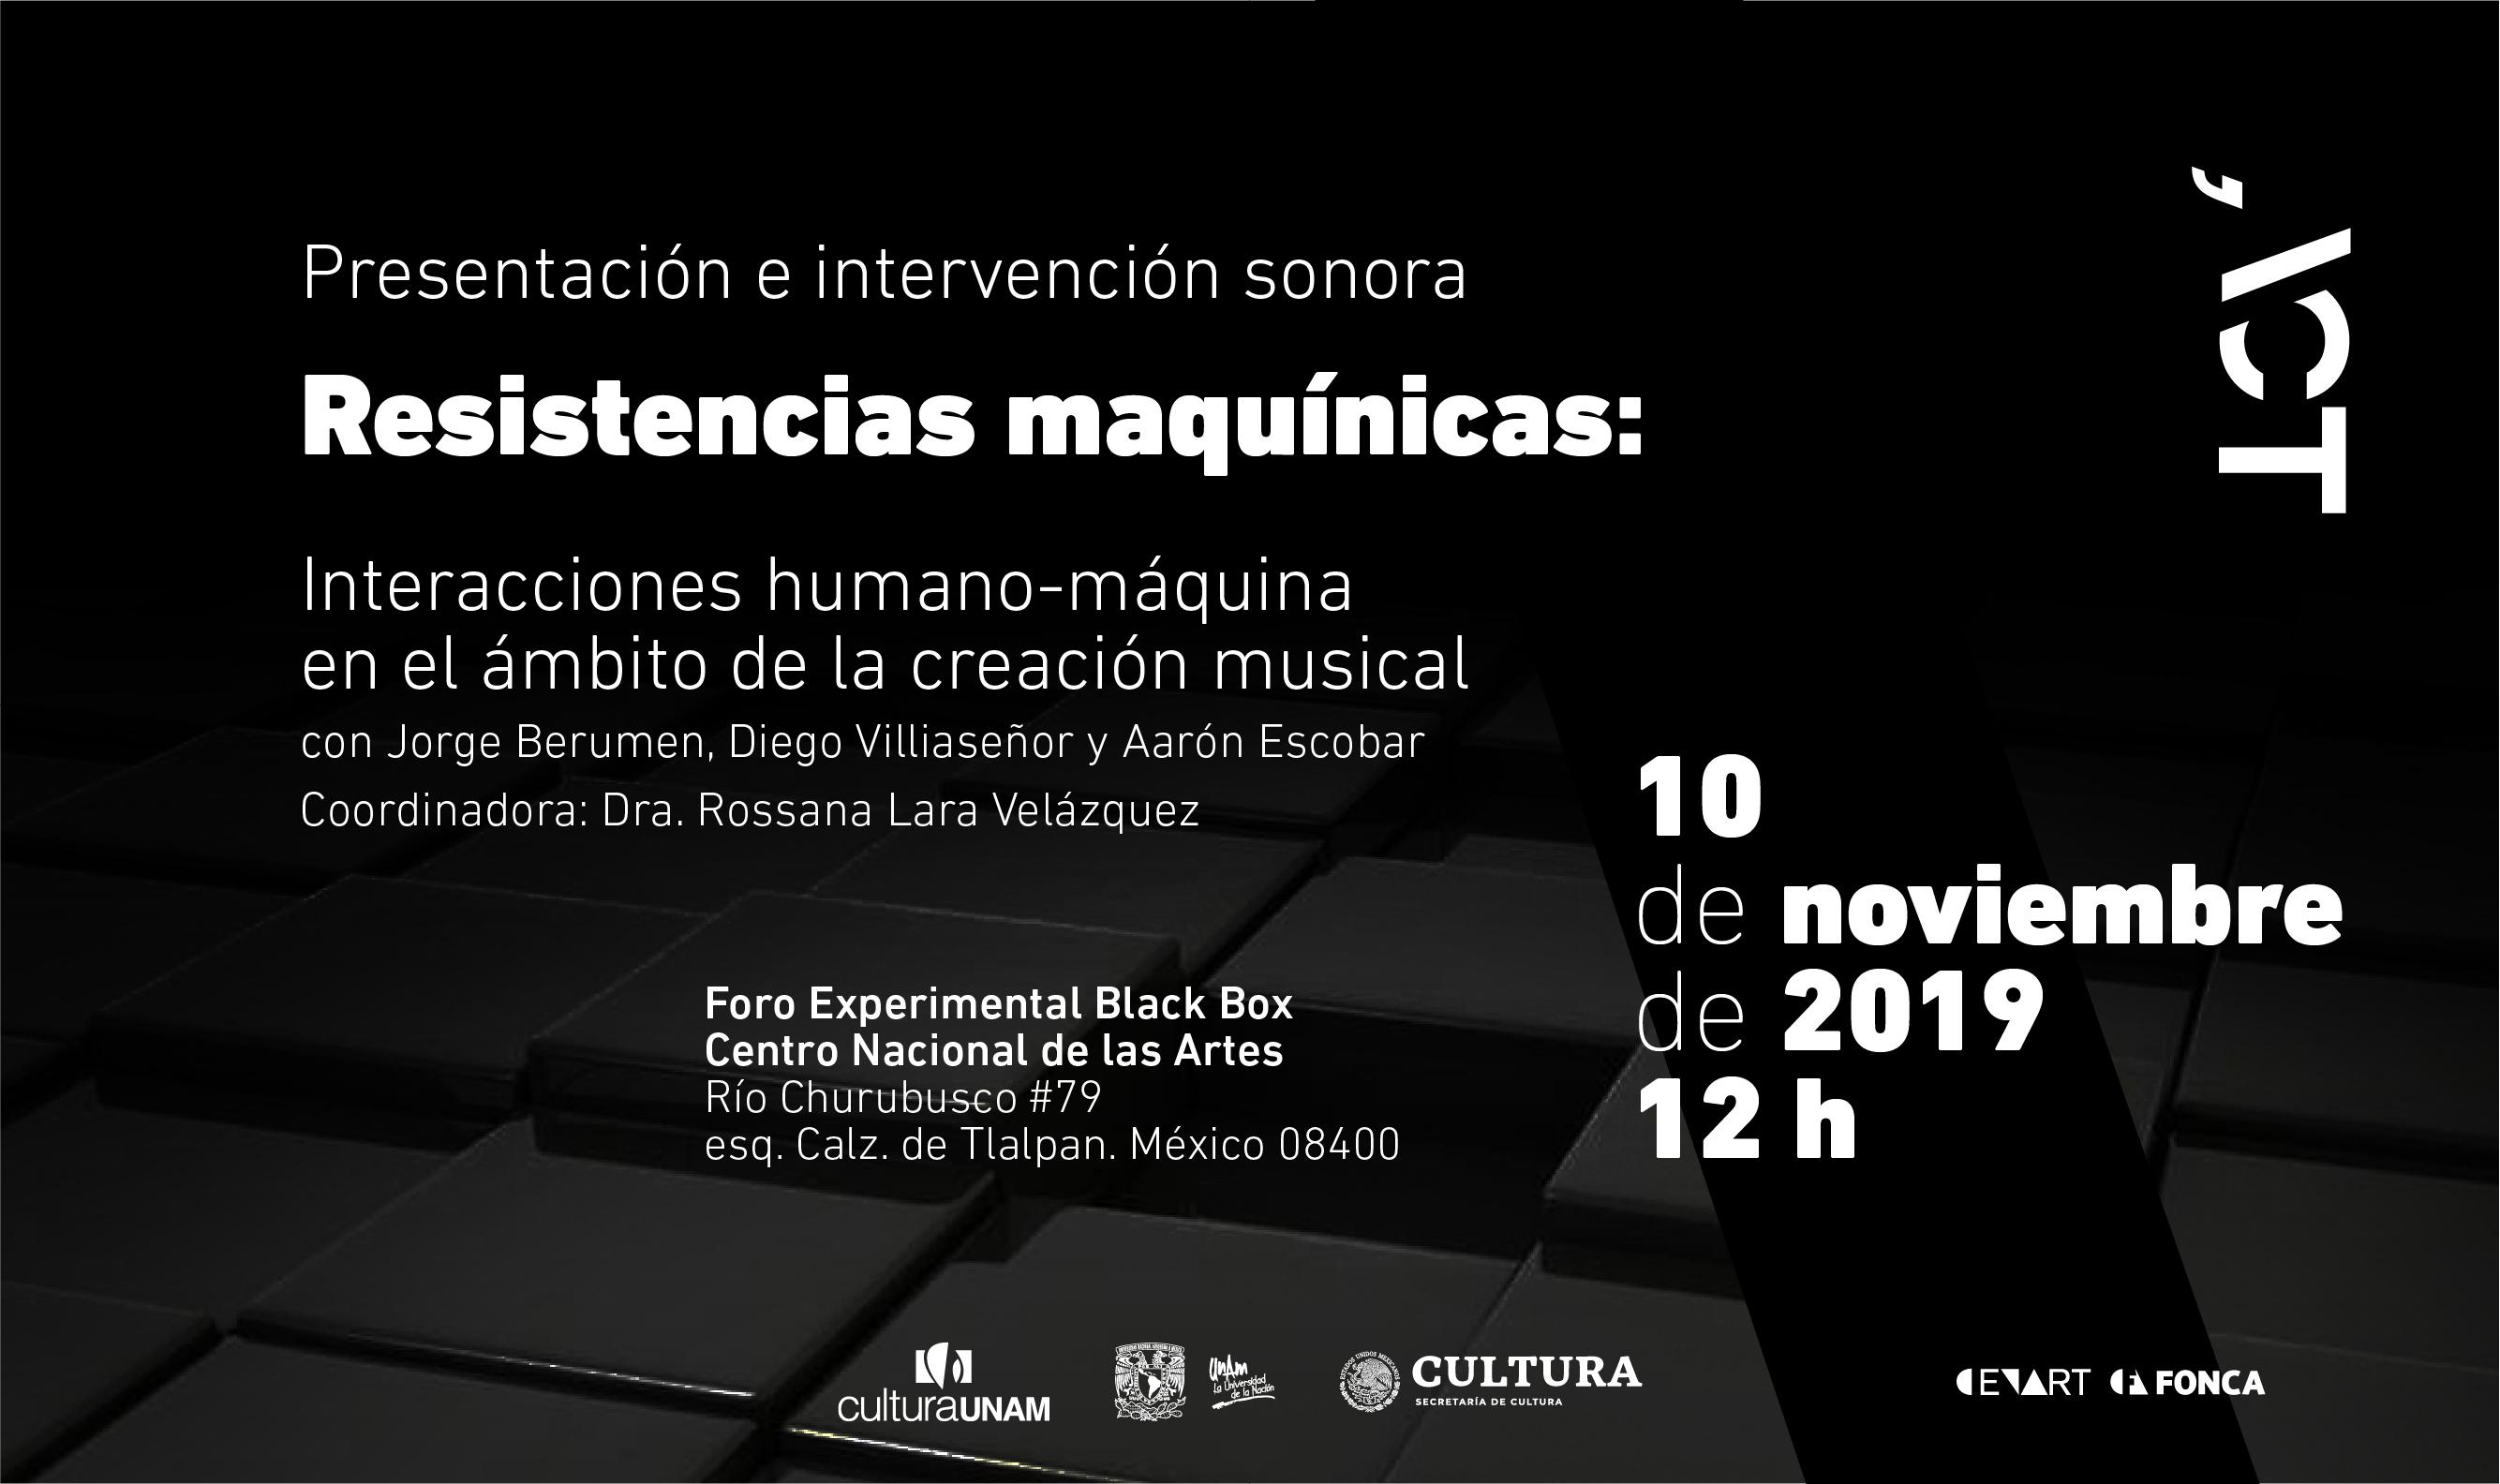 Resistencias maquínicas: interacciones humano-máquina en el ámbito de la creación musical